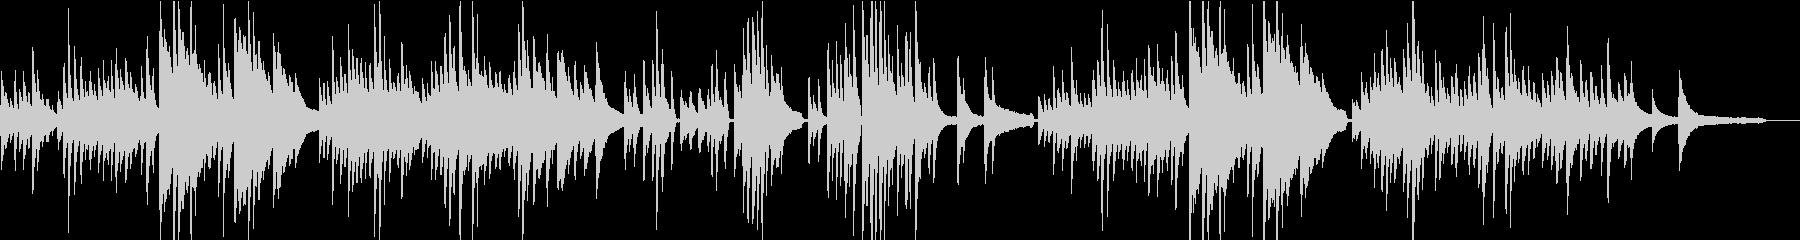 そっとやさしい 気まぐれピアノ曲の未再生の波形